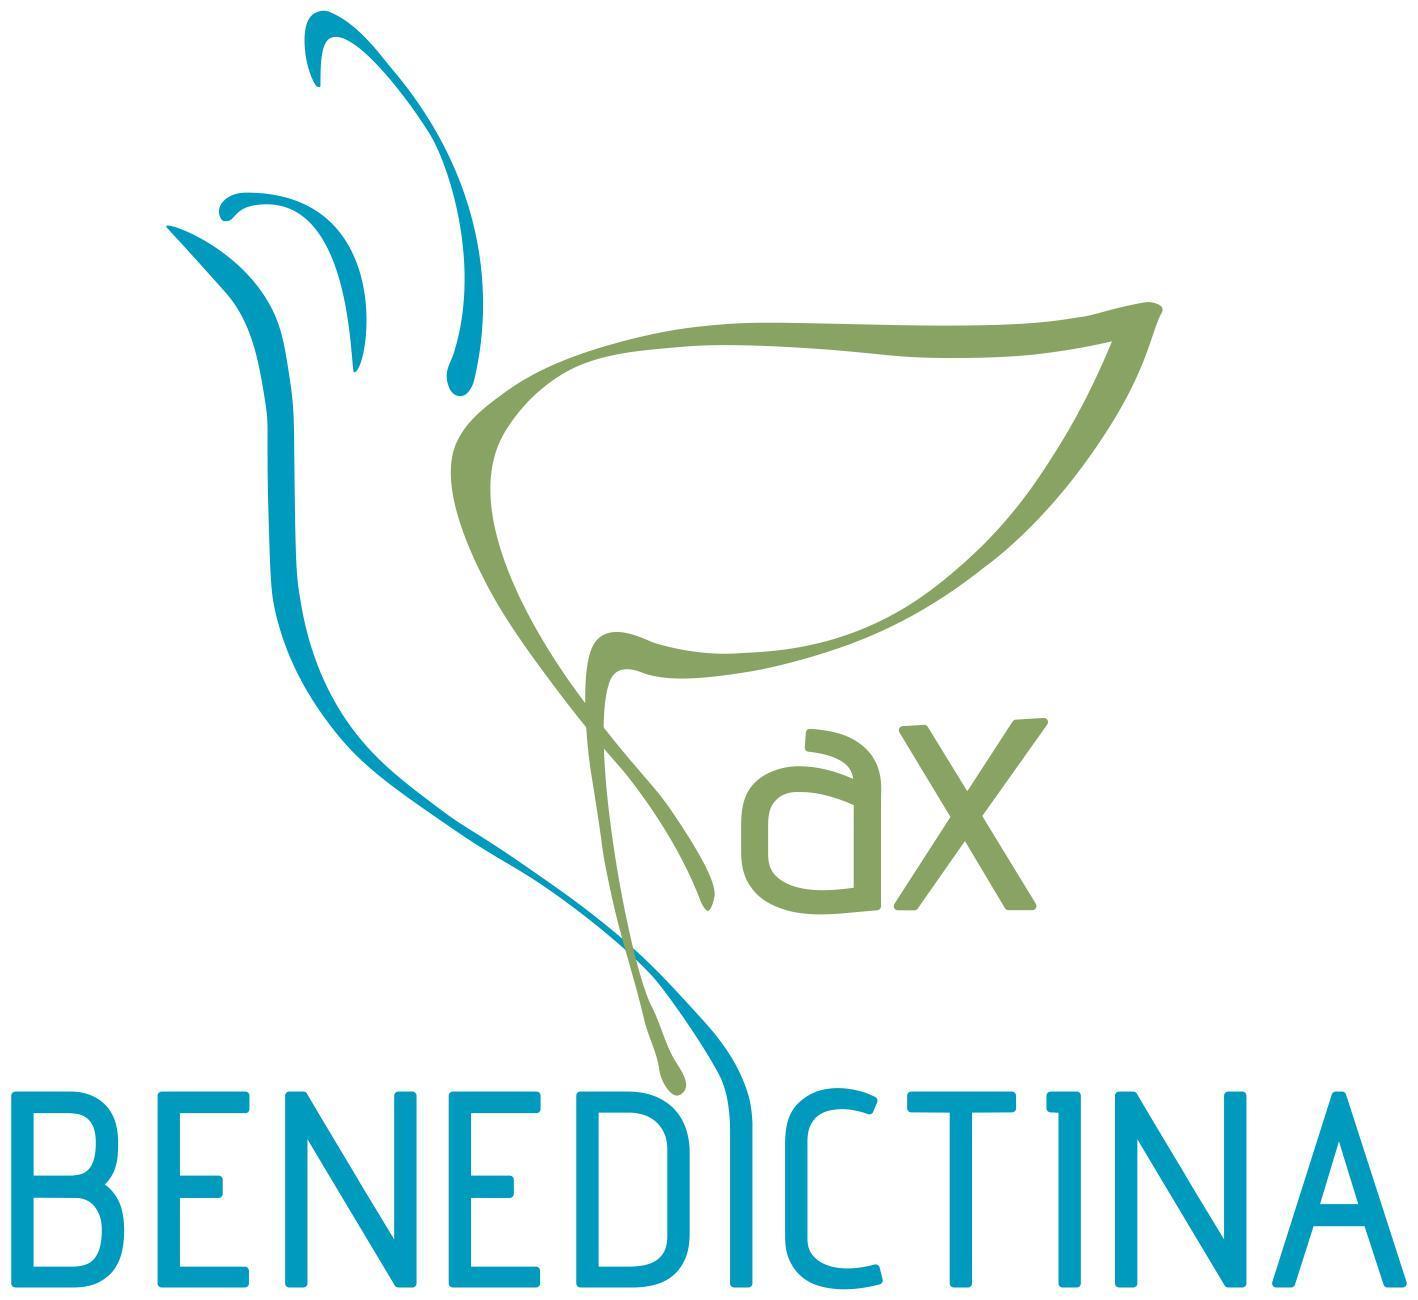 Pax Benedictina Logo F39 S1 1